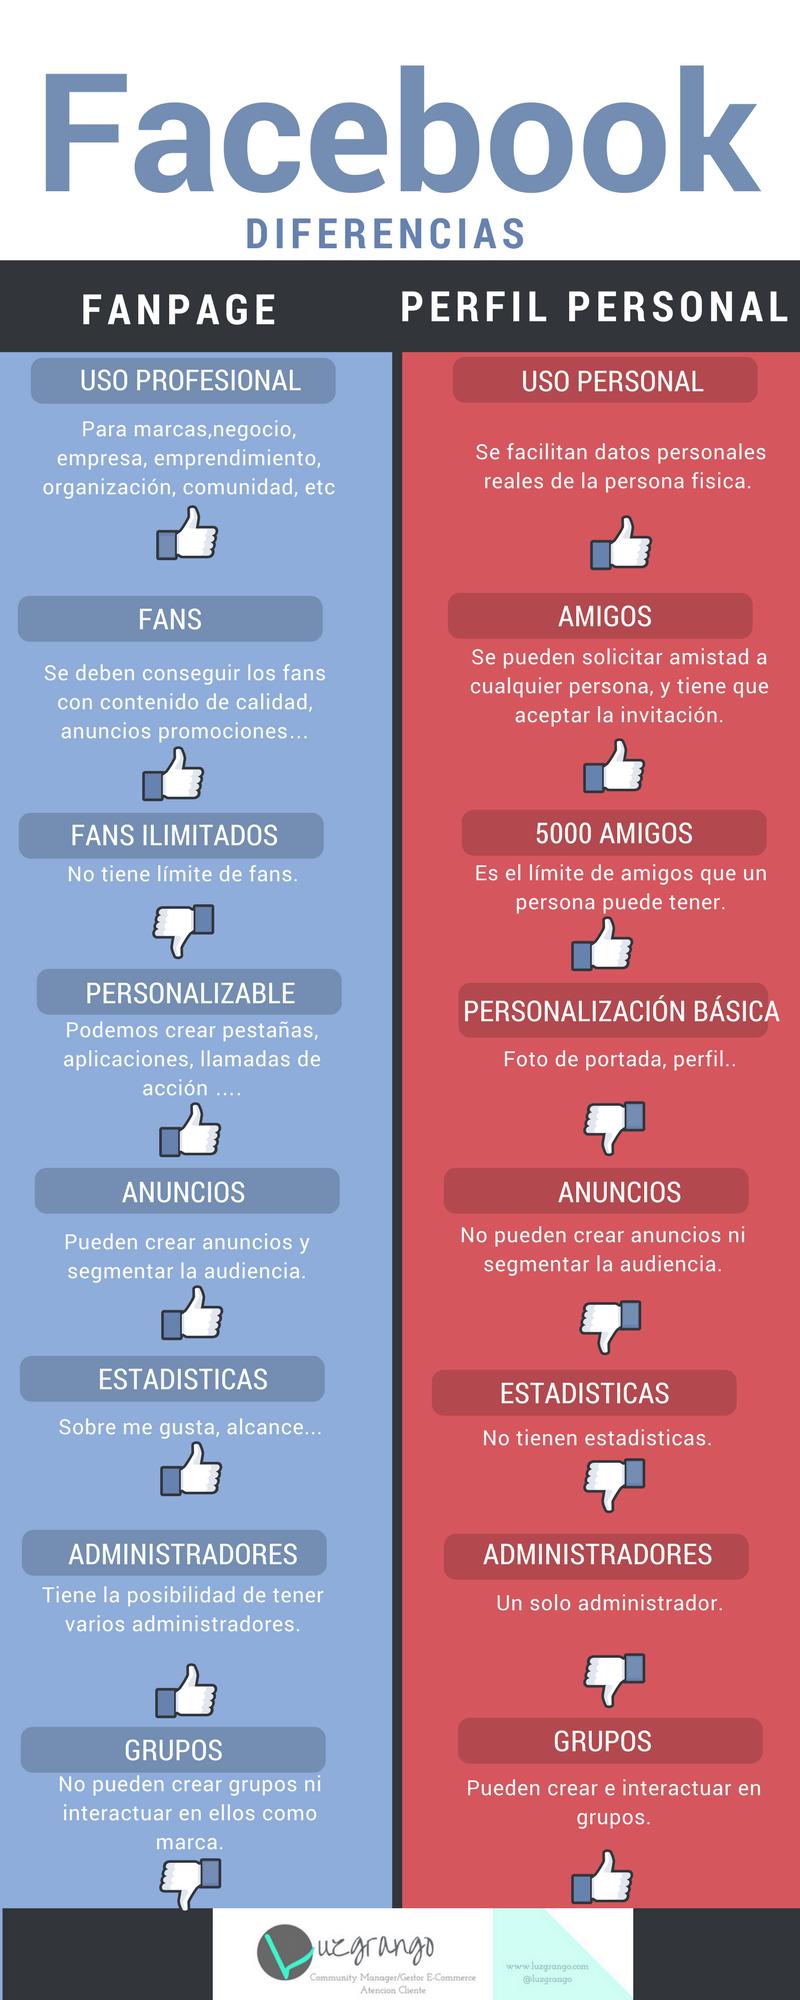 diferencias-facebook-perfil-personal-fanpage-Redes Sociales